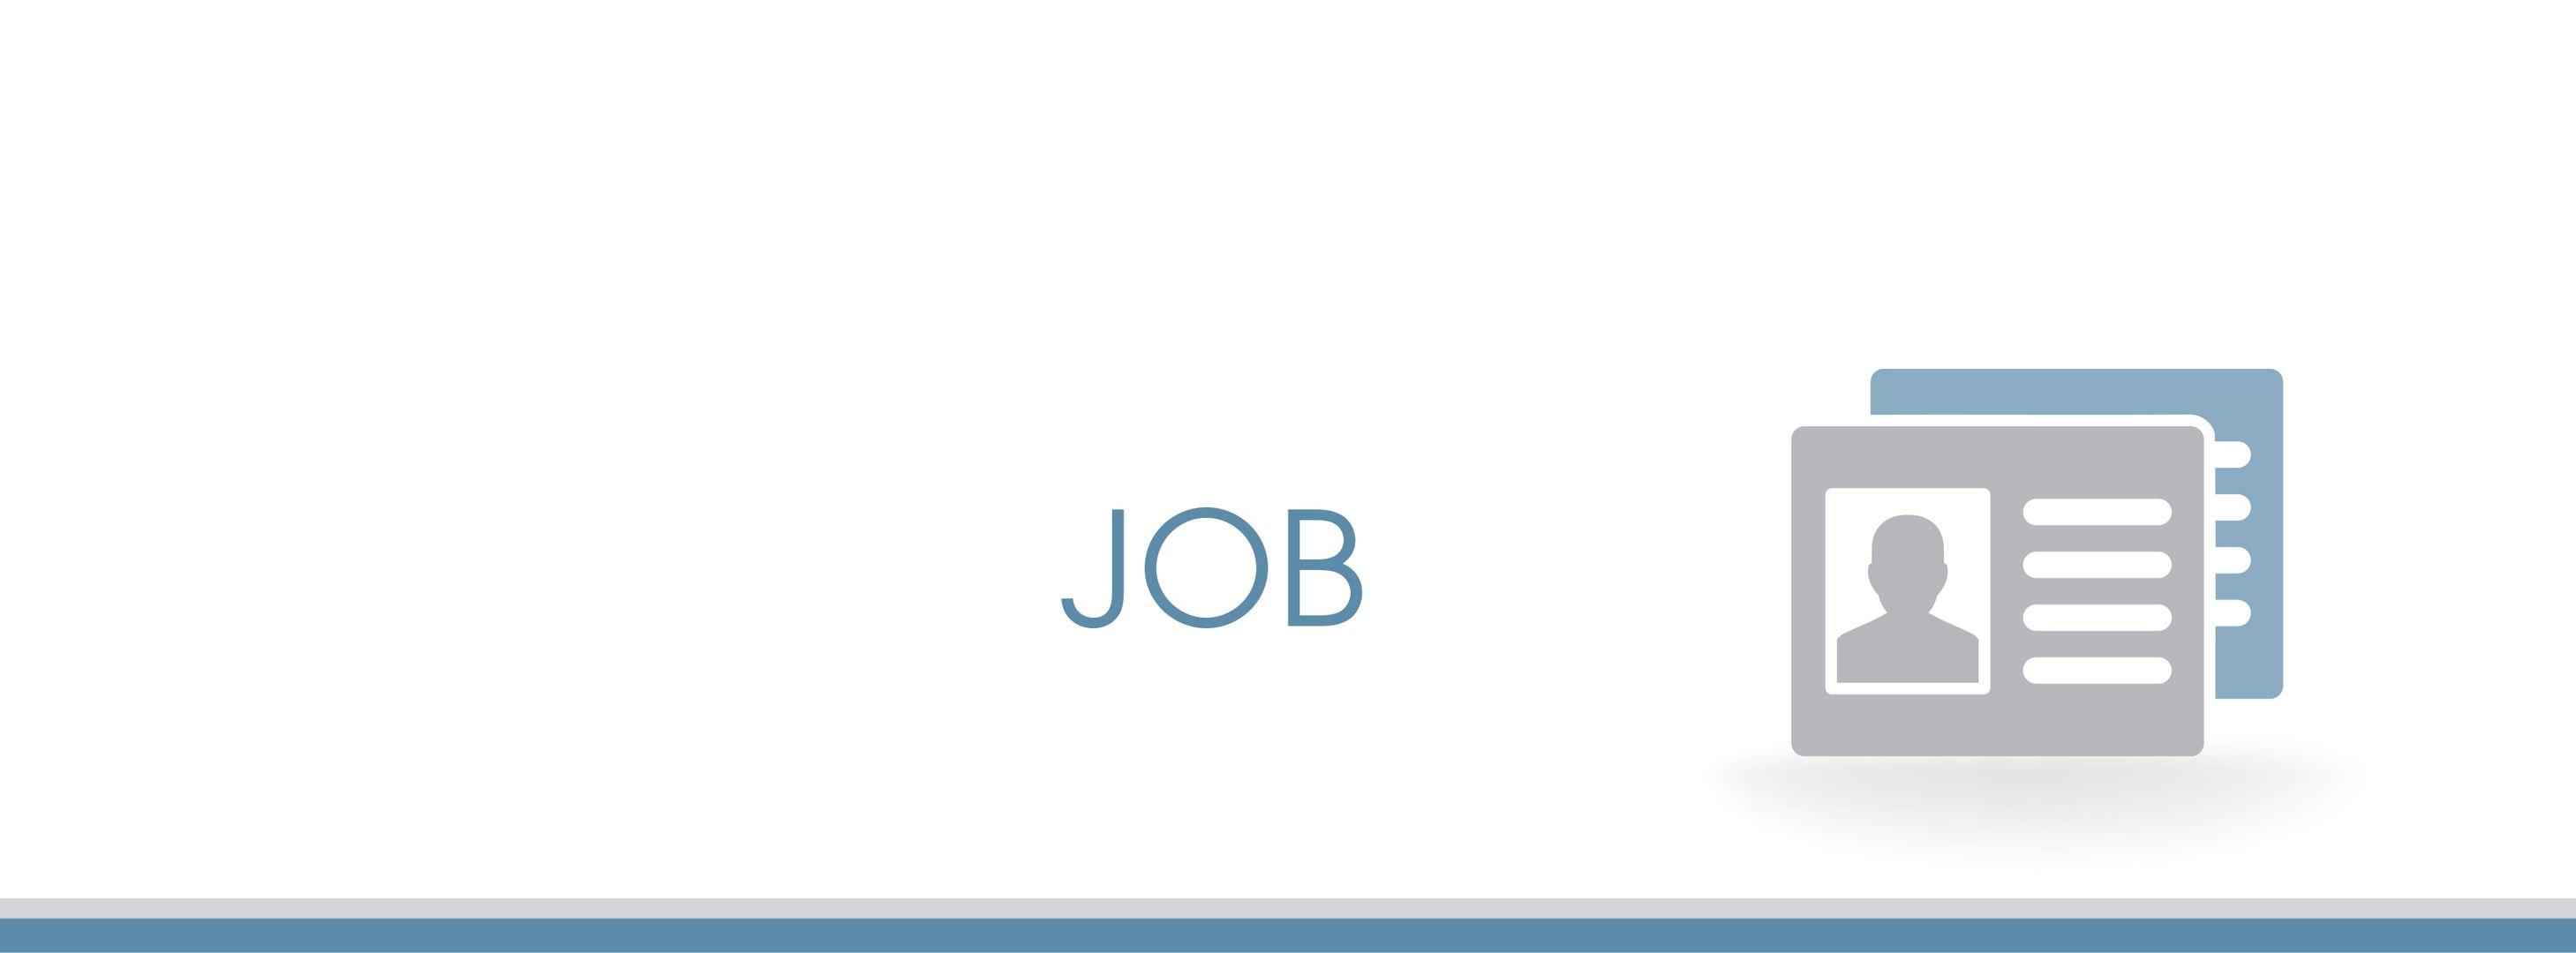 Aktuell sind alle Stellen besetzt - Jobs